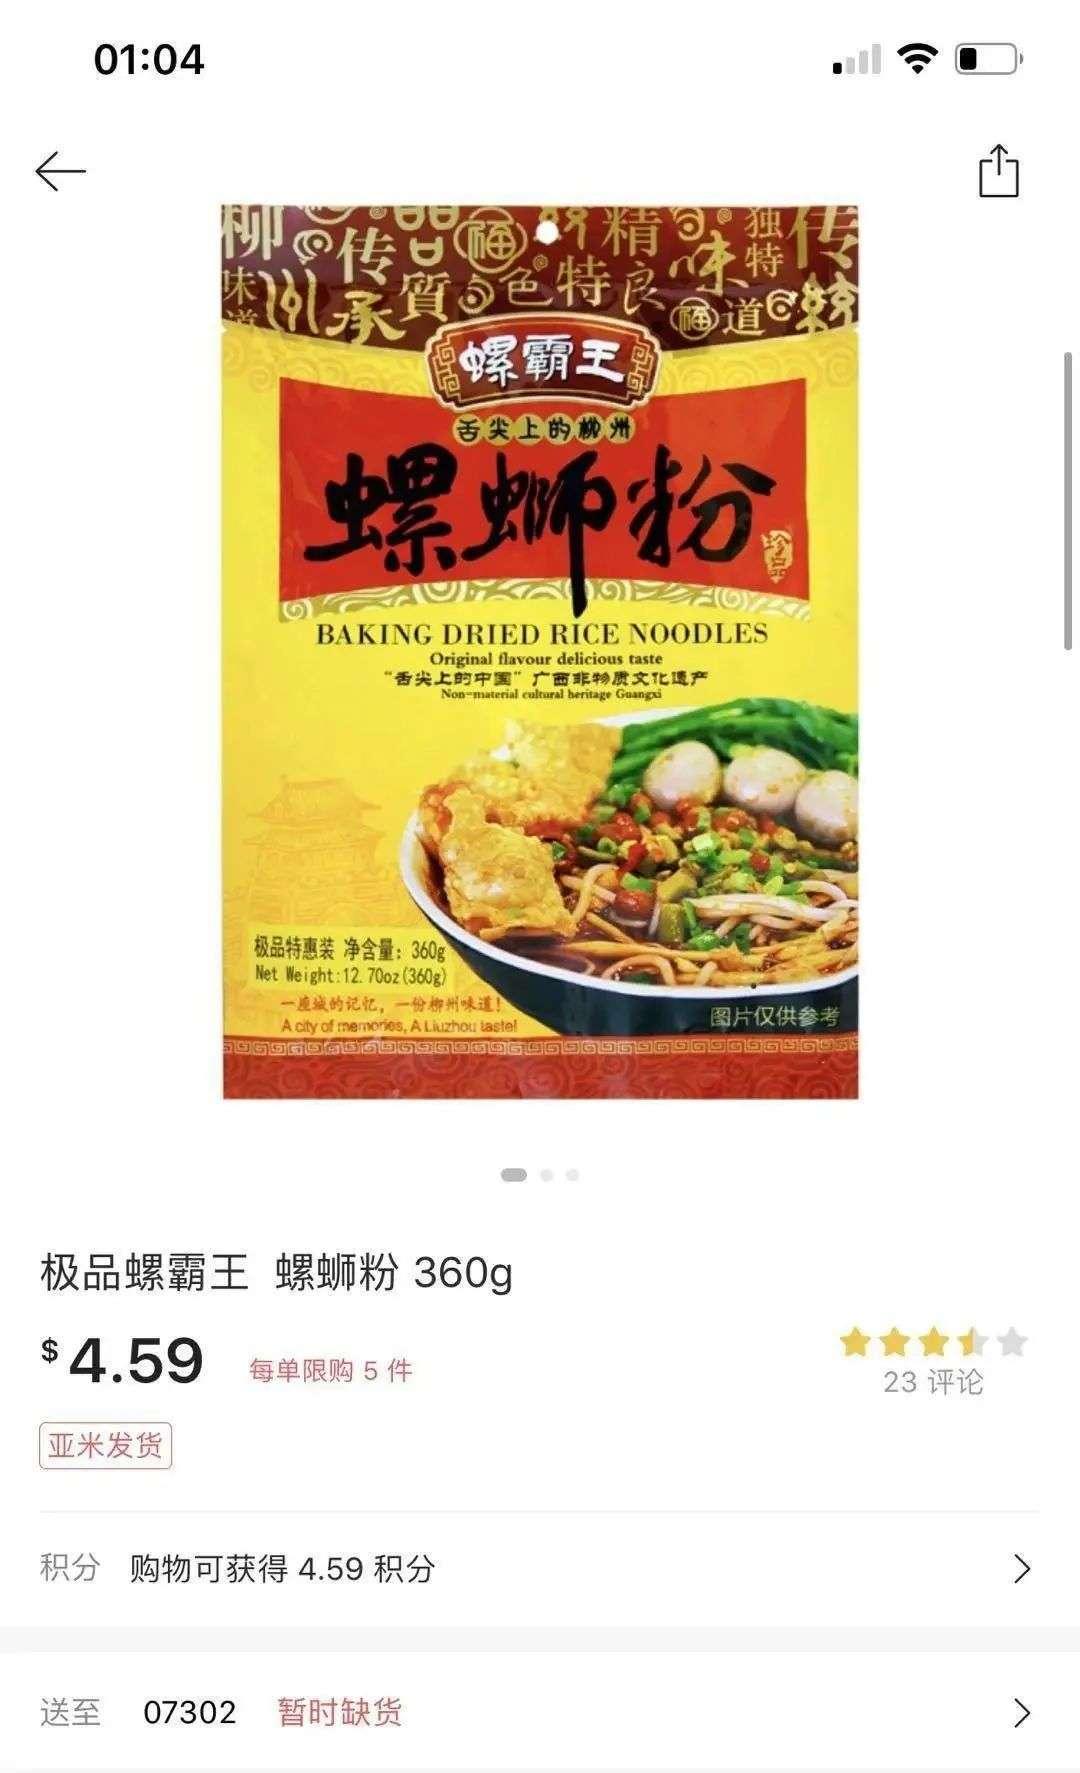 螺蛳粉,中国留学生海外硬通货